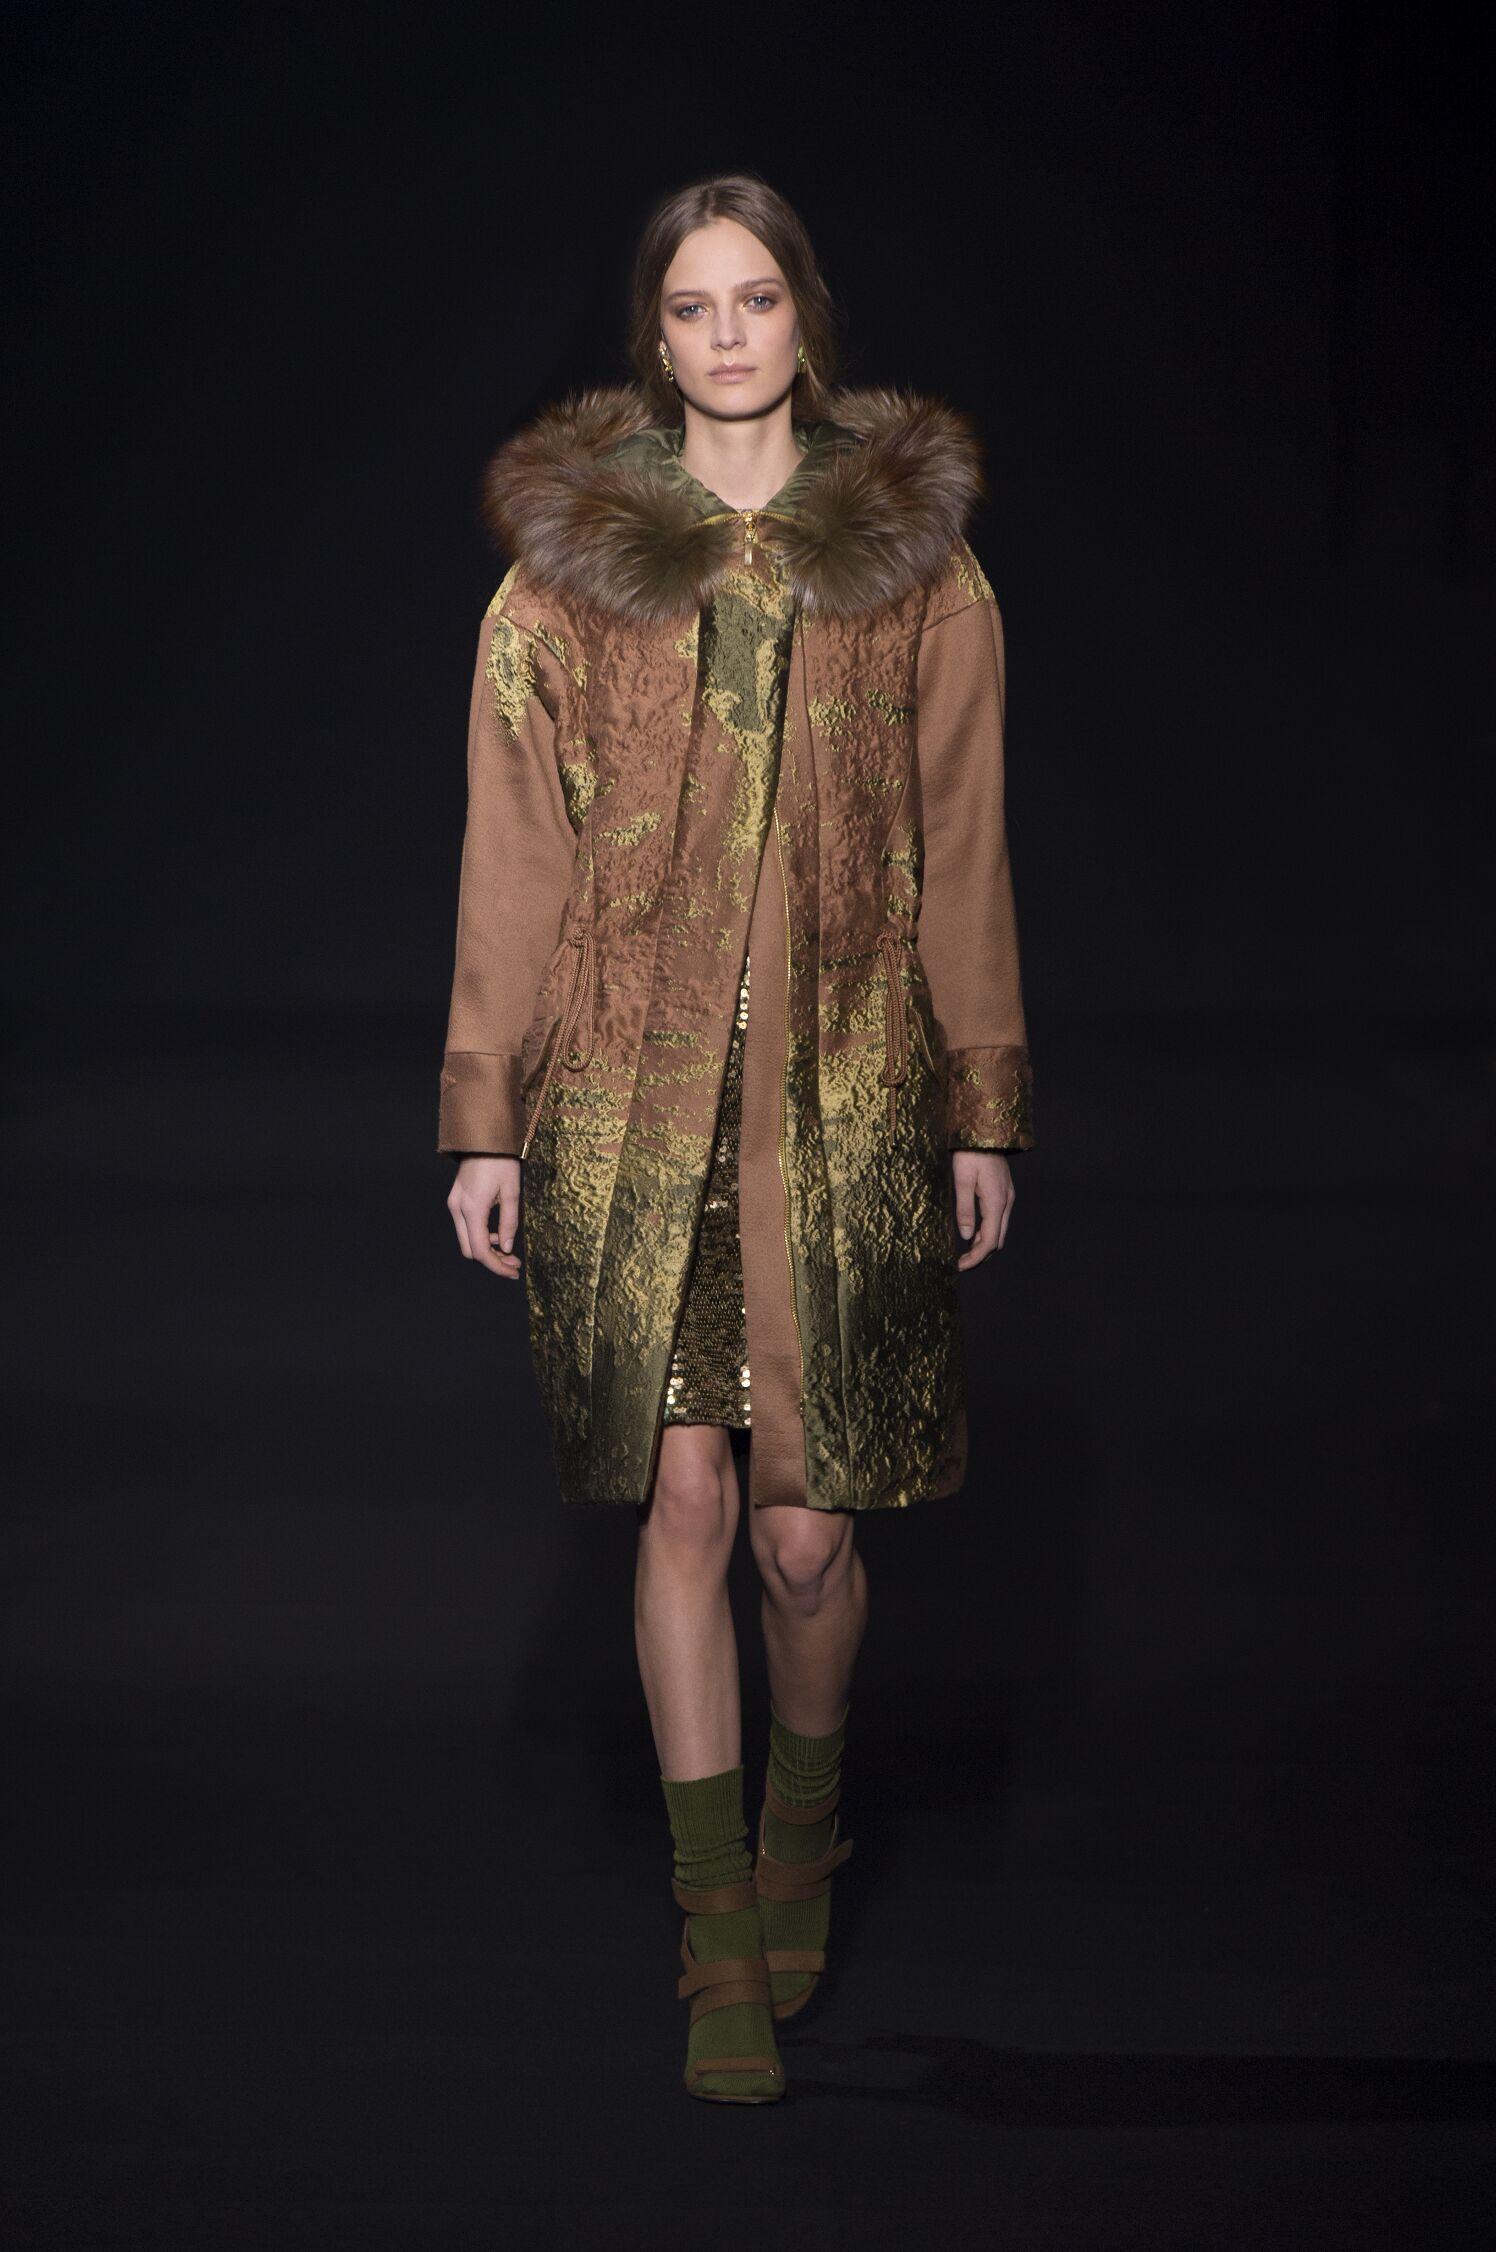 Winter 2014 Fashion Show Alberta Ferretti